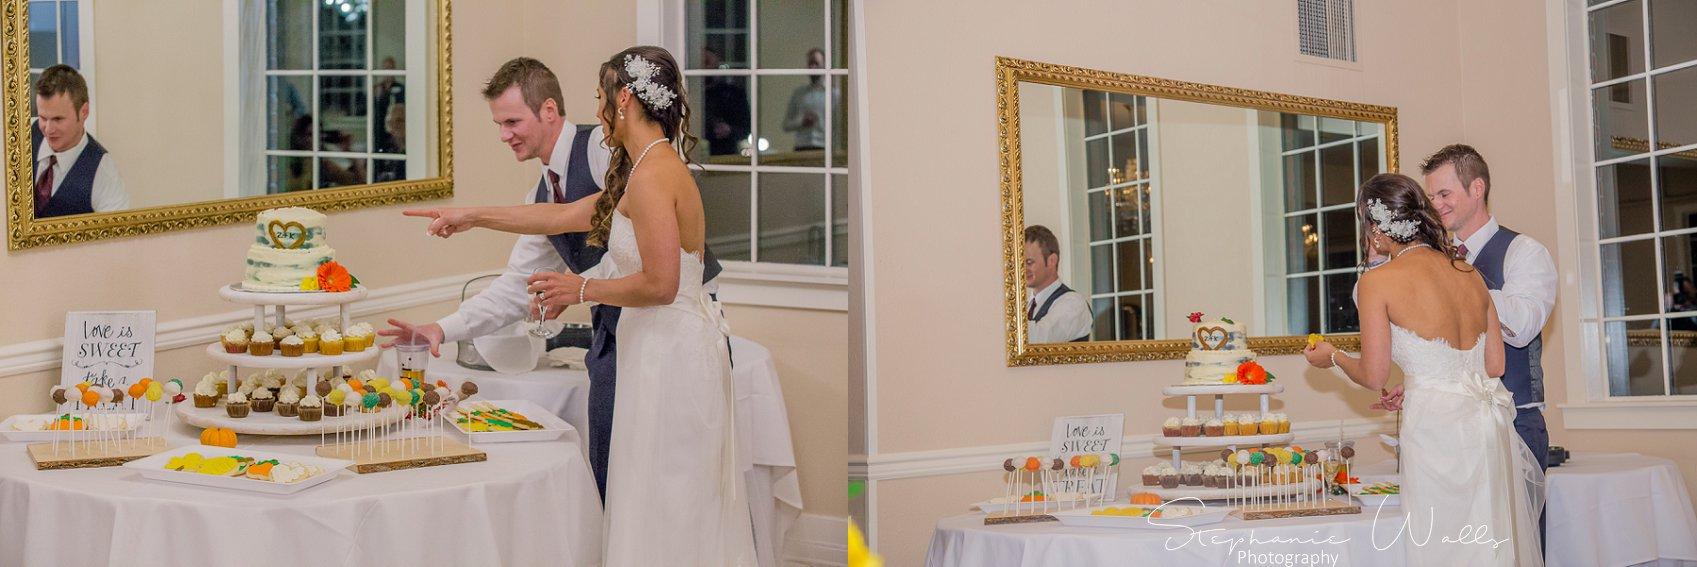 Reception 105 KK & Zack | Hollywood Schoolhouse Wedding | Woodinville, Wa Wedding Photographer